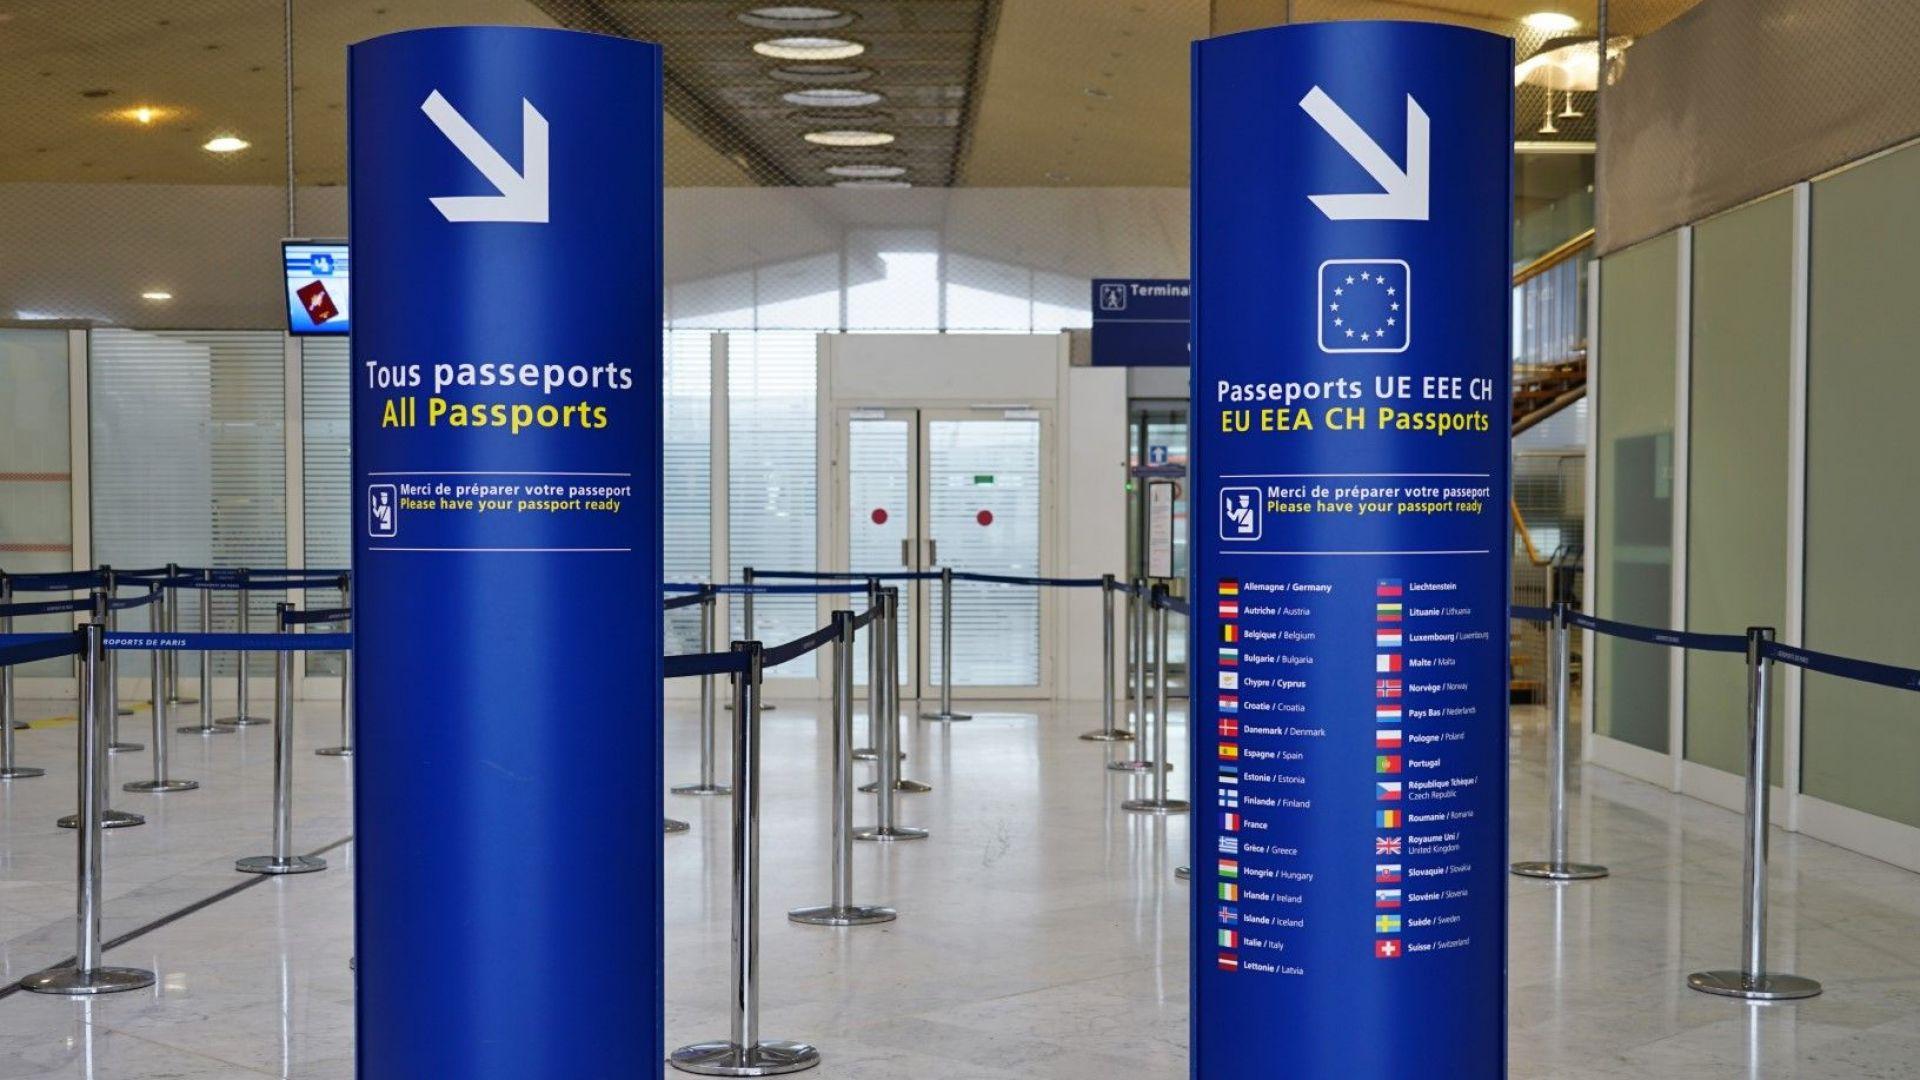 Освободените от задължителни визи за ЕС ще бъдат предварително проверявани